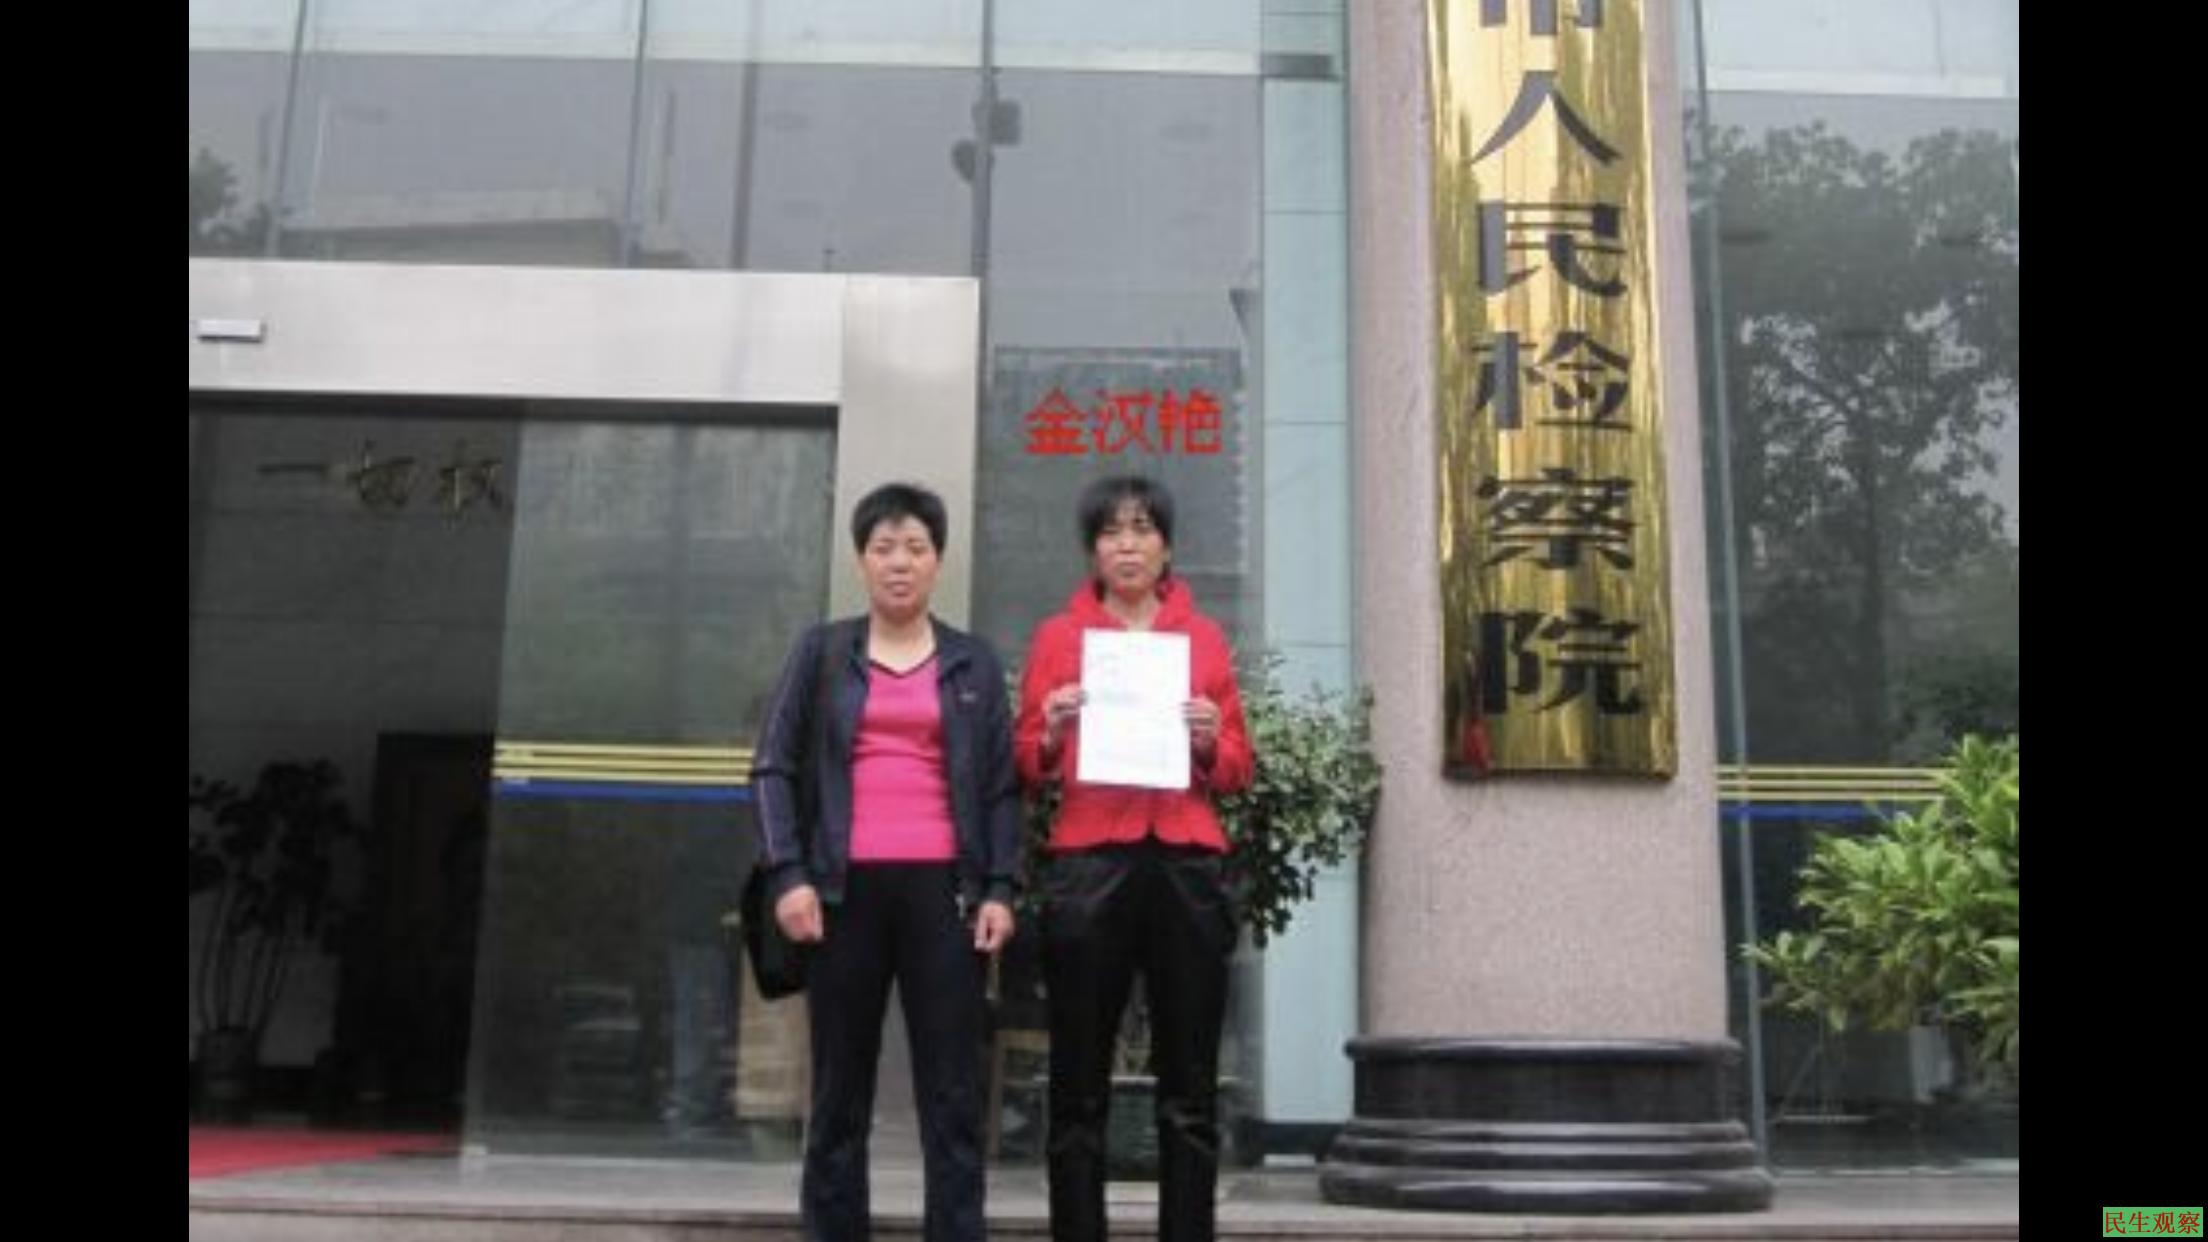 湖北金汉艳在省信访局报警遭推诿